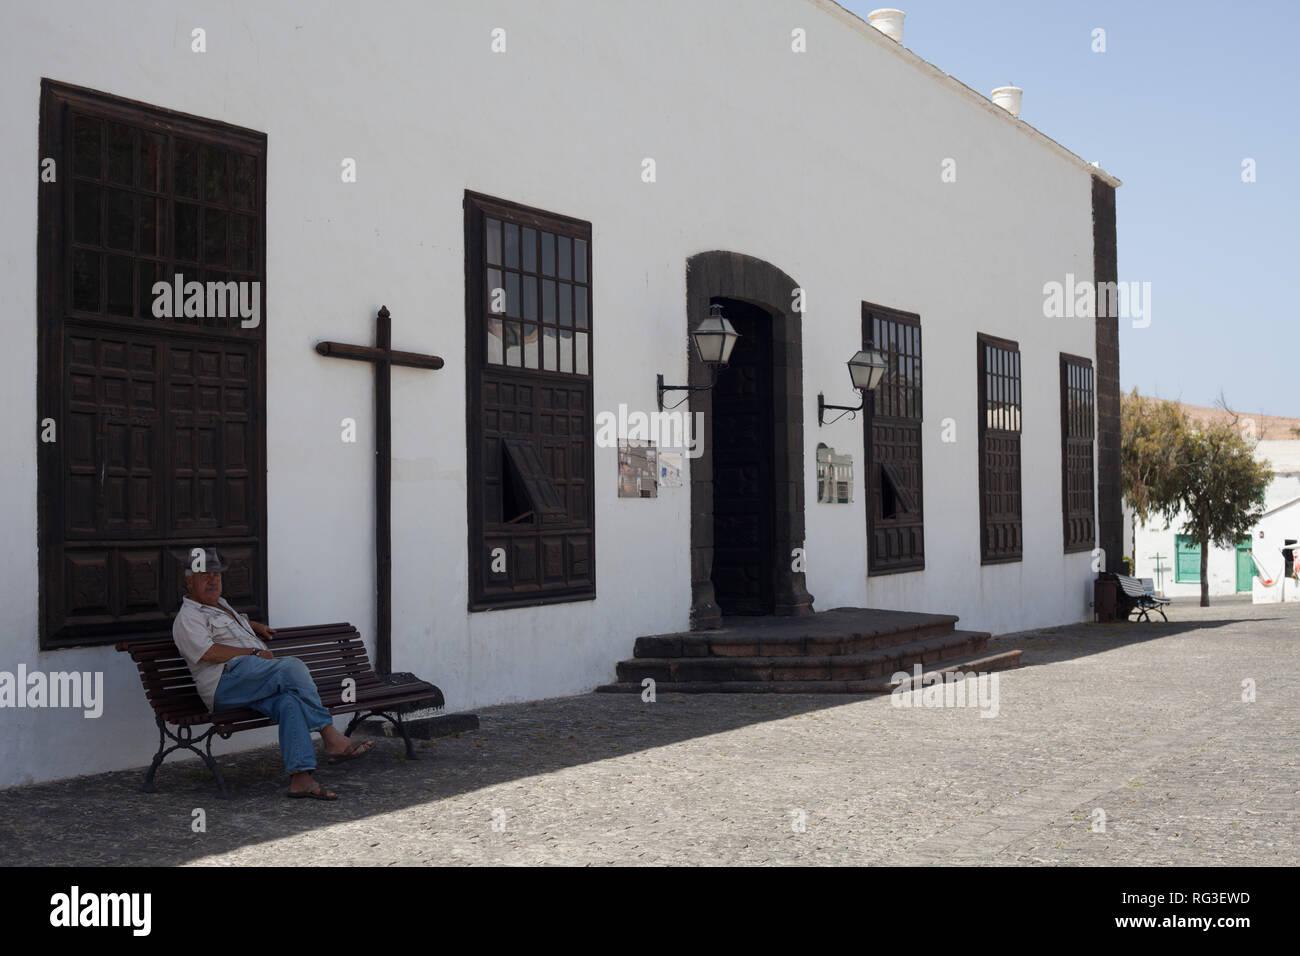 Lokaler Mann auf einer Bank ausserhalb Museo del Timple (iconic String Instrument der Kanarischen Inseln), Plaza de la Constitucion, eguise, Lanzarote, Spanien sitzen Stockbild